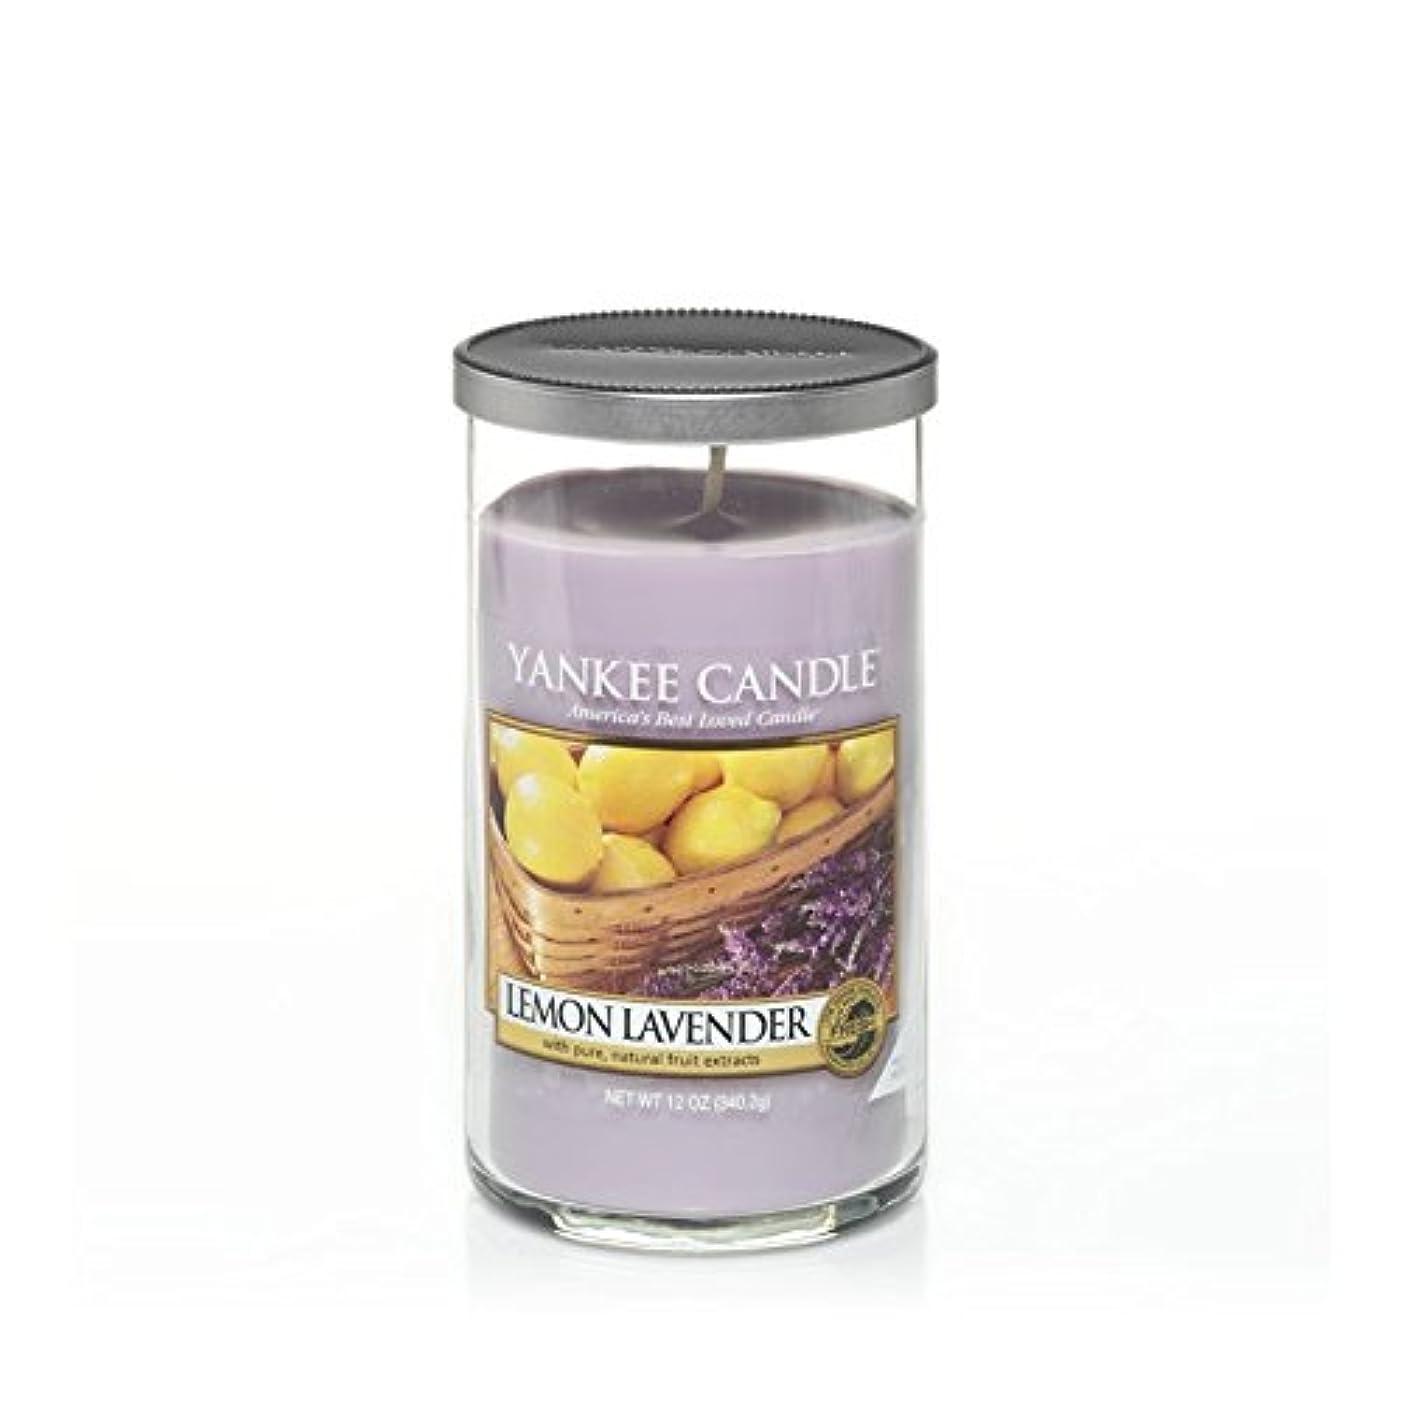 差別過度の人物Yankee Candles Medium Pillar Candle - Lemon Lavender (Pack of 6) - ヤンキーキャンドルメディアピラーキャンドル - レモンラベンダー (x6) [並行輸入品]